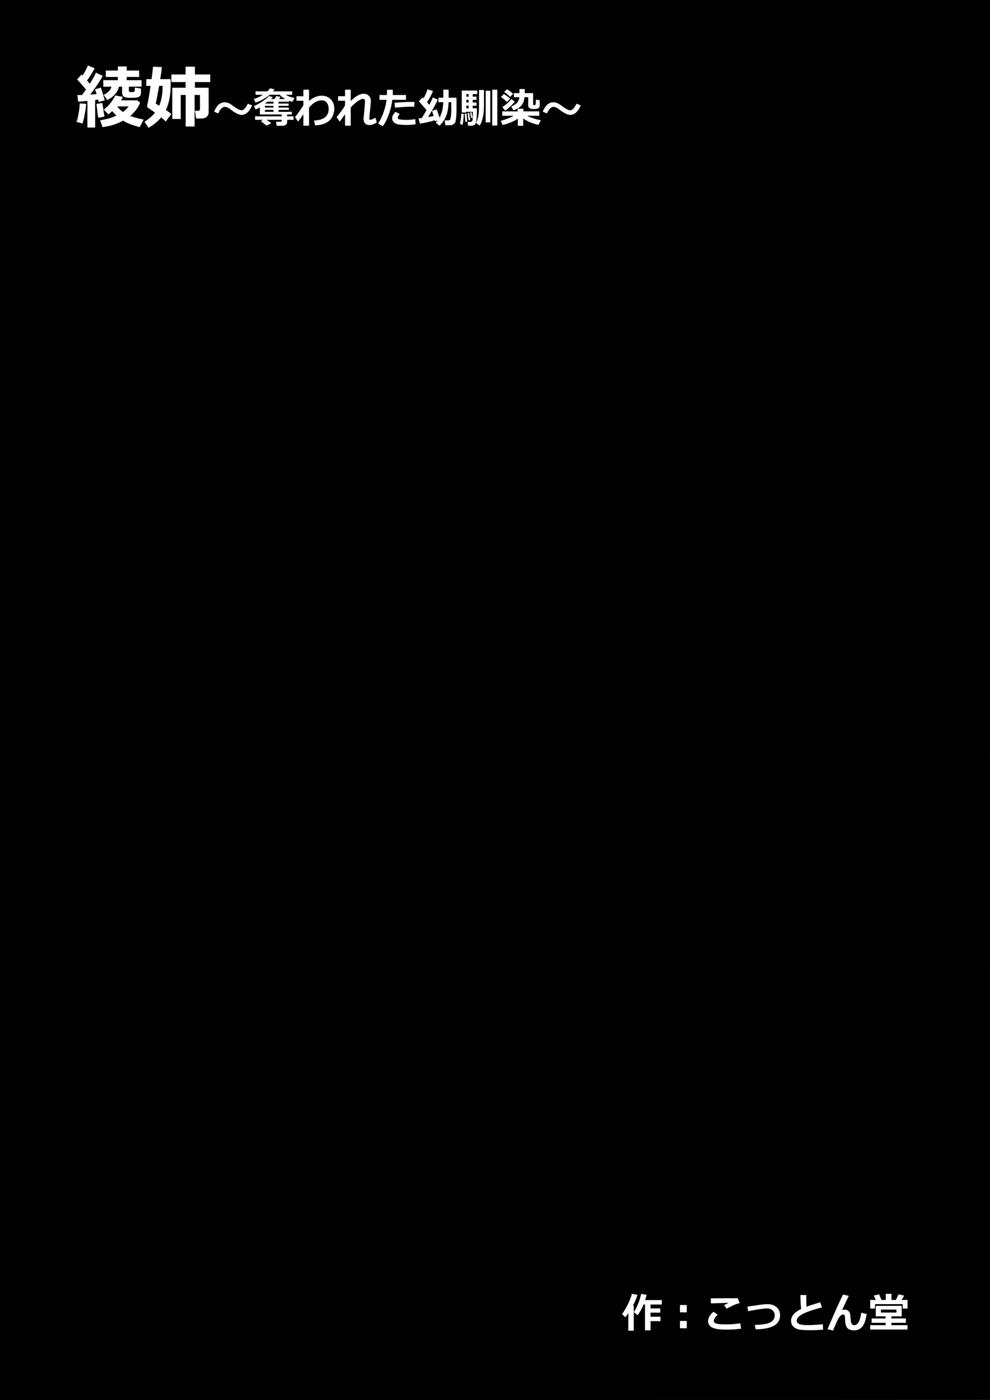 【エロ漫画無料大全集】大好きな年上幼馴染がムカつく同級生に狙われて…まさかの…【エロ漫画:綾姉~奪われた幼馴染~:こっとん堂】